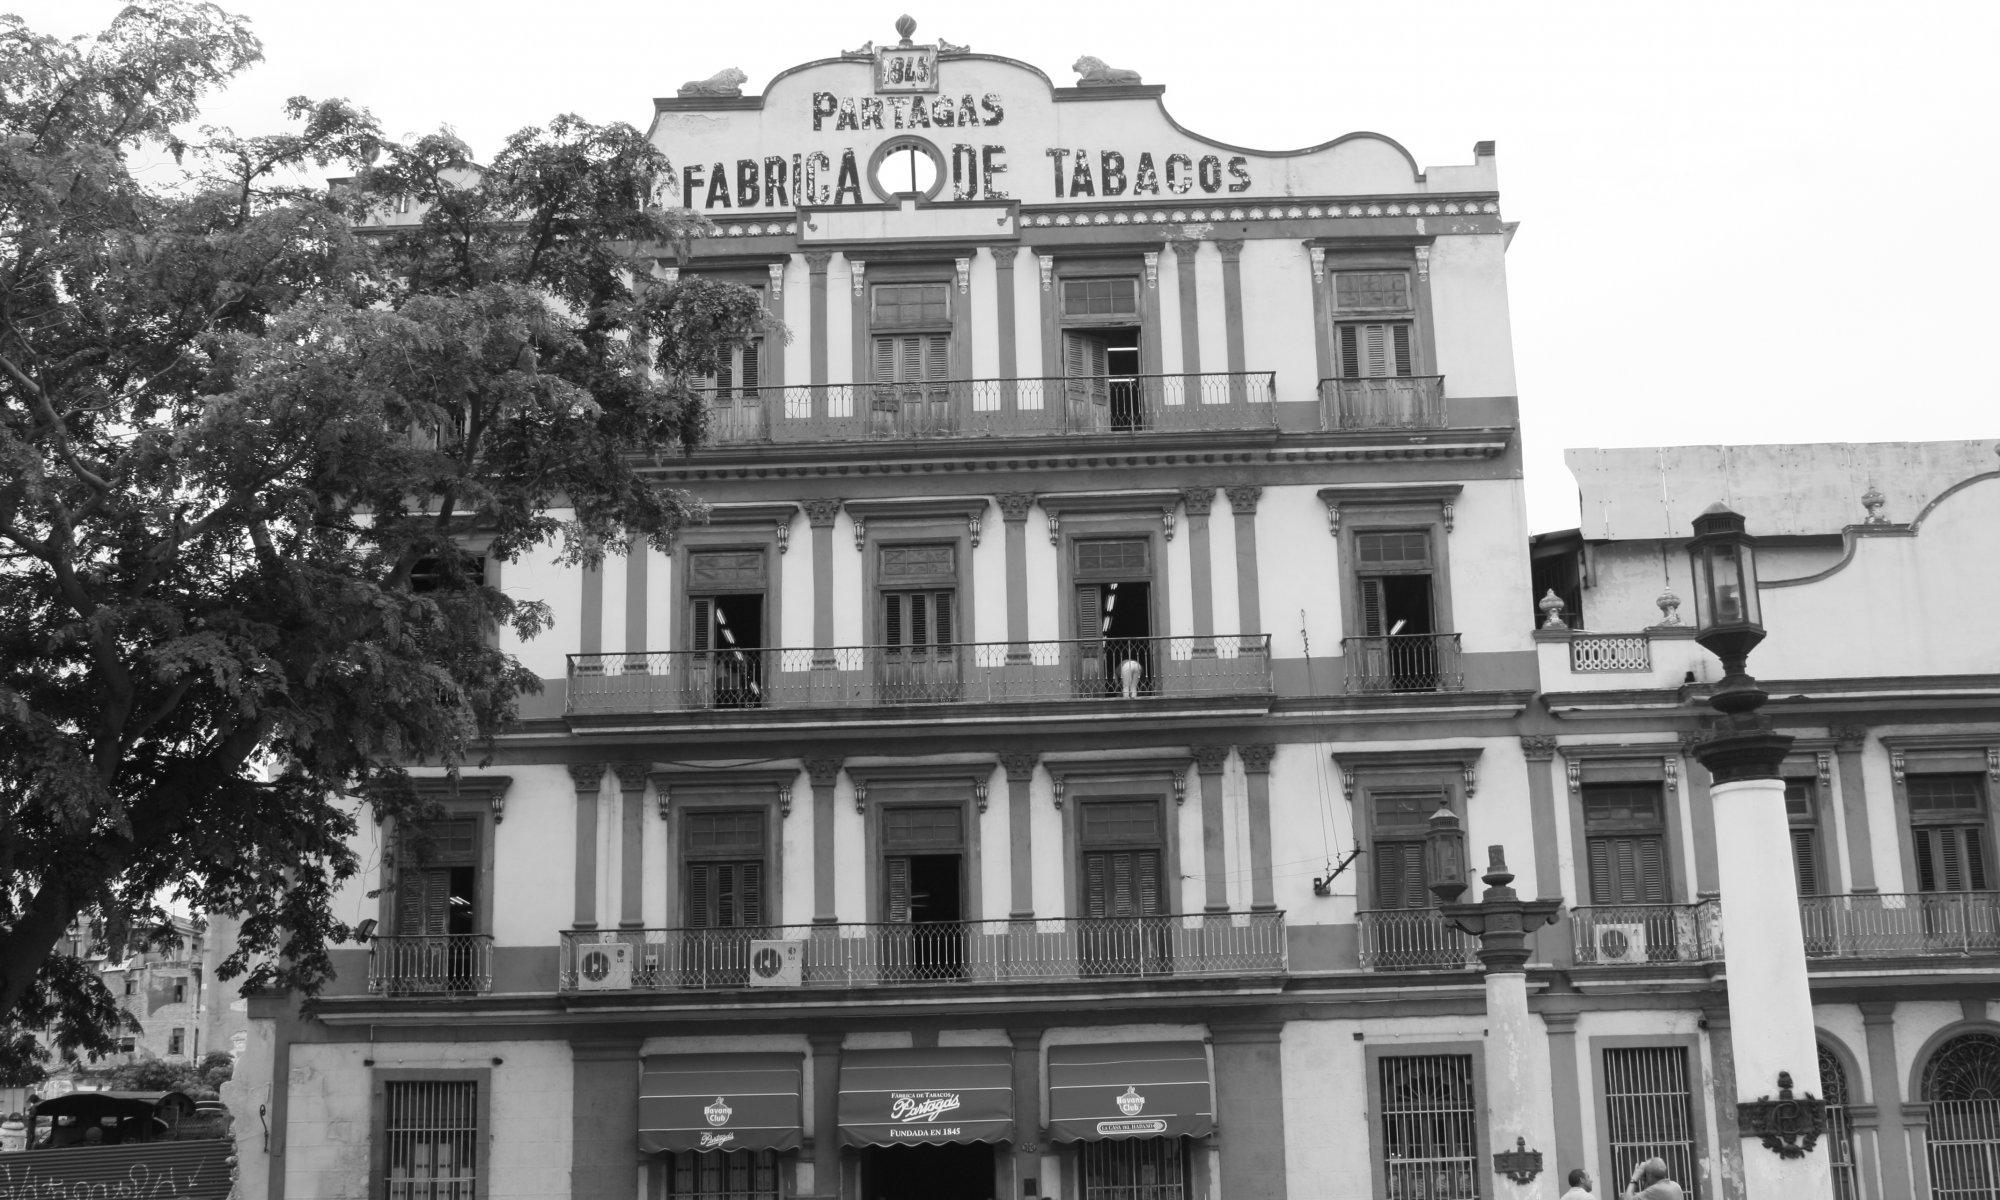 Real Fábrica de Tabacos Partagás, La Habana, Cuba